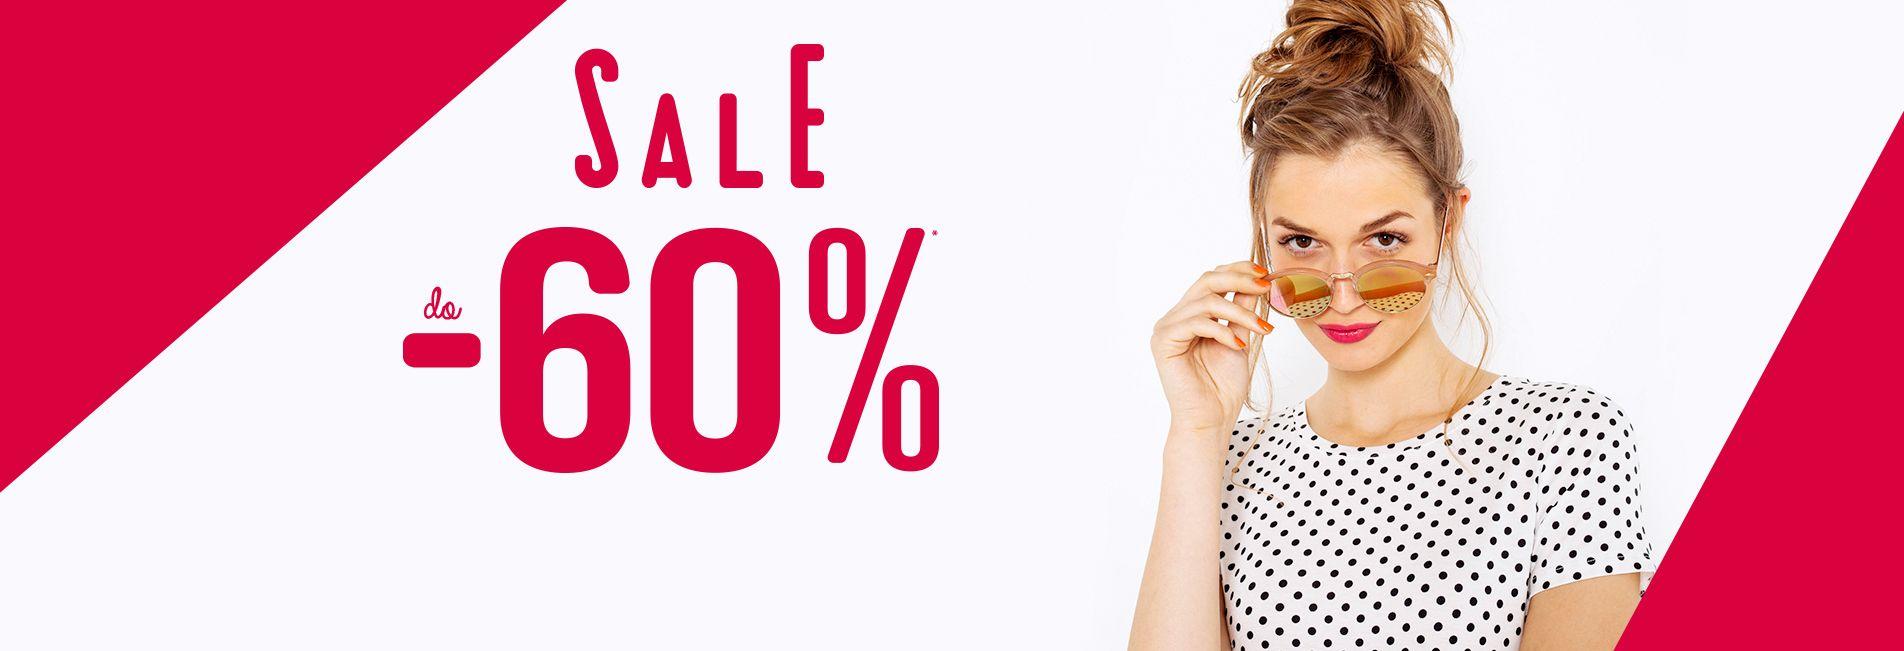 Camaïeu: wyprzedaż do 60% zniżki na odzież damską, obuwie, torebki oraz akcesoria